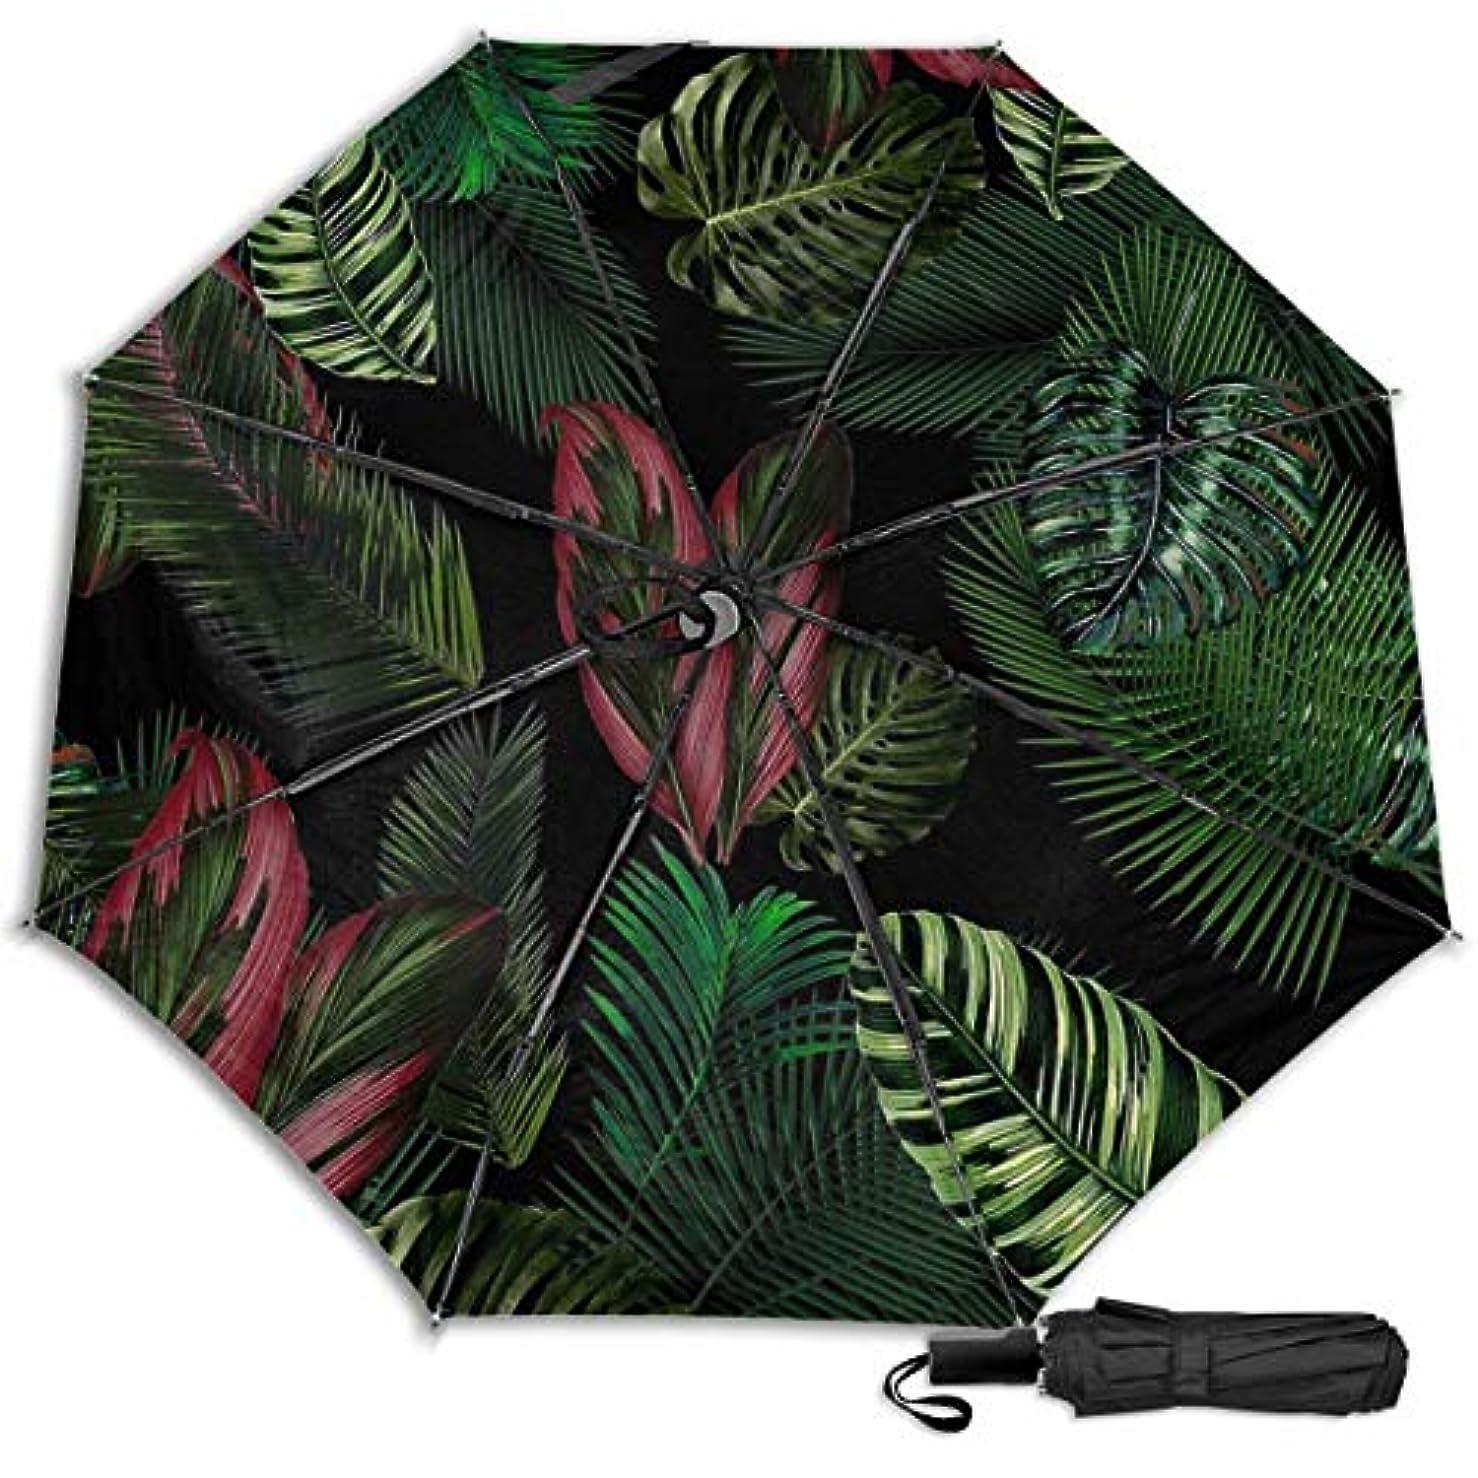 卵変換血統熱帯の葉の花のパターン日傘 折りたたみ日傘 折り畳み日傘 超軽量 遮光率100% UVカット率99.9% UPF50+ 紫外線対策 遮熱効果 晴雨兼用 携帯便利 耐風撥水 手動 男女兼用